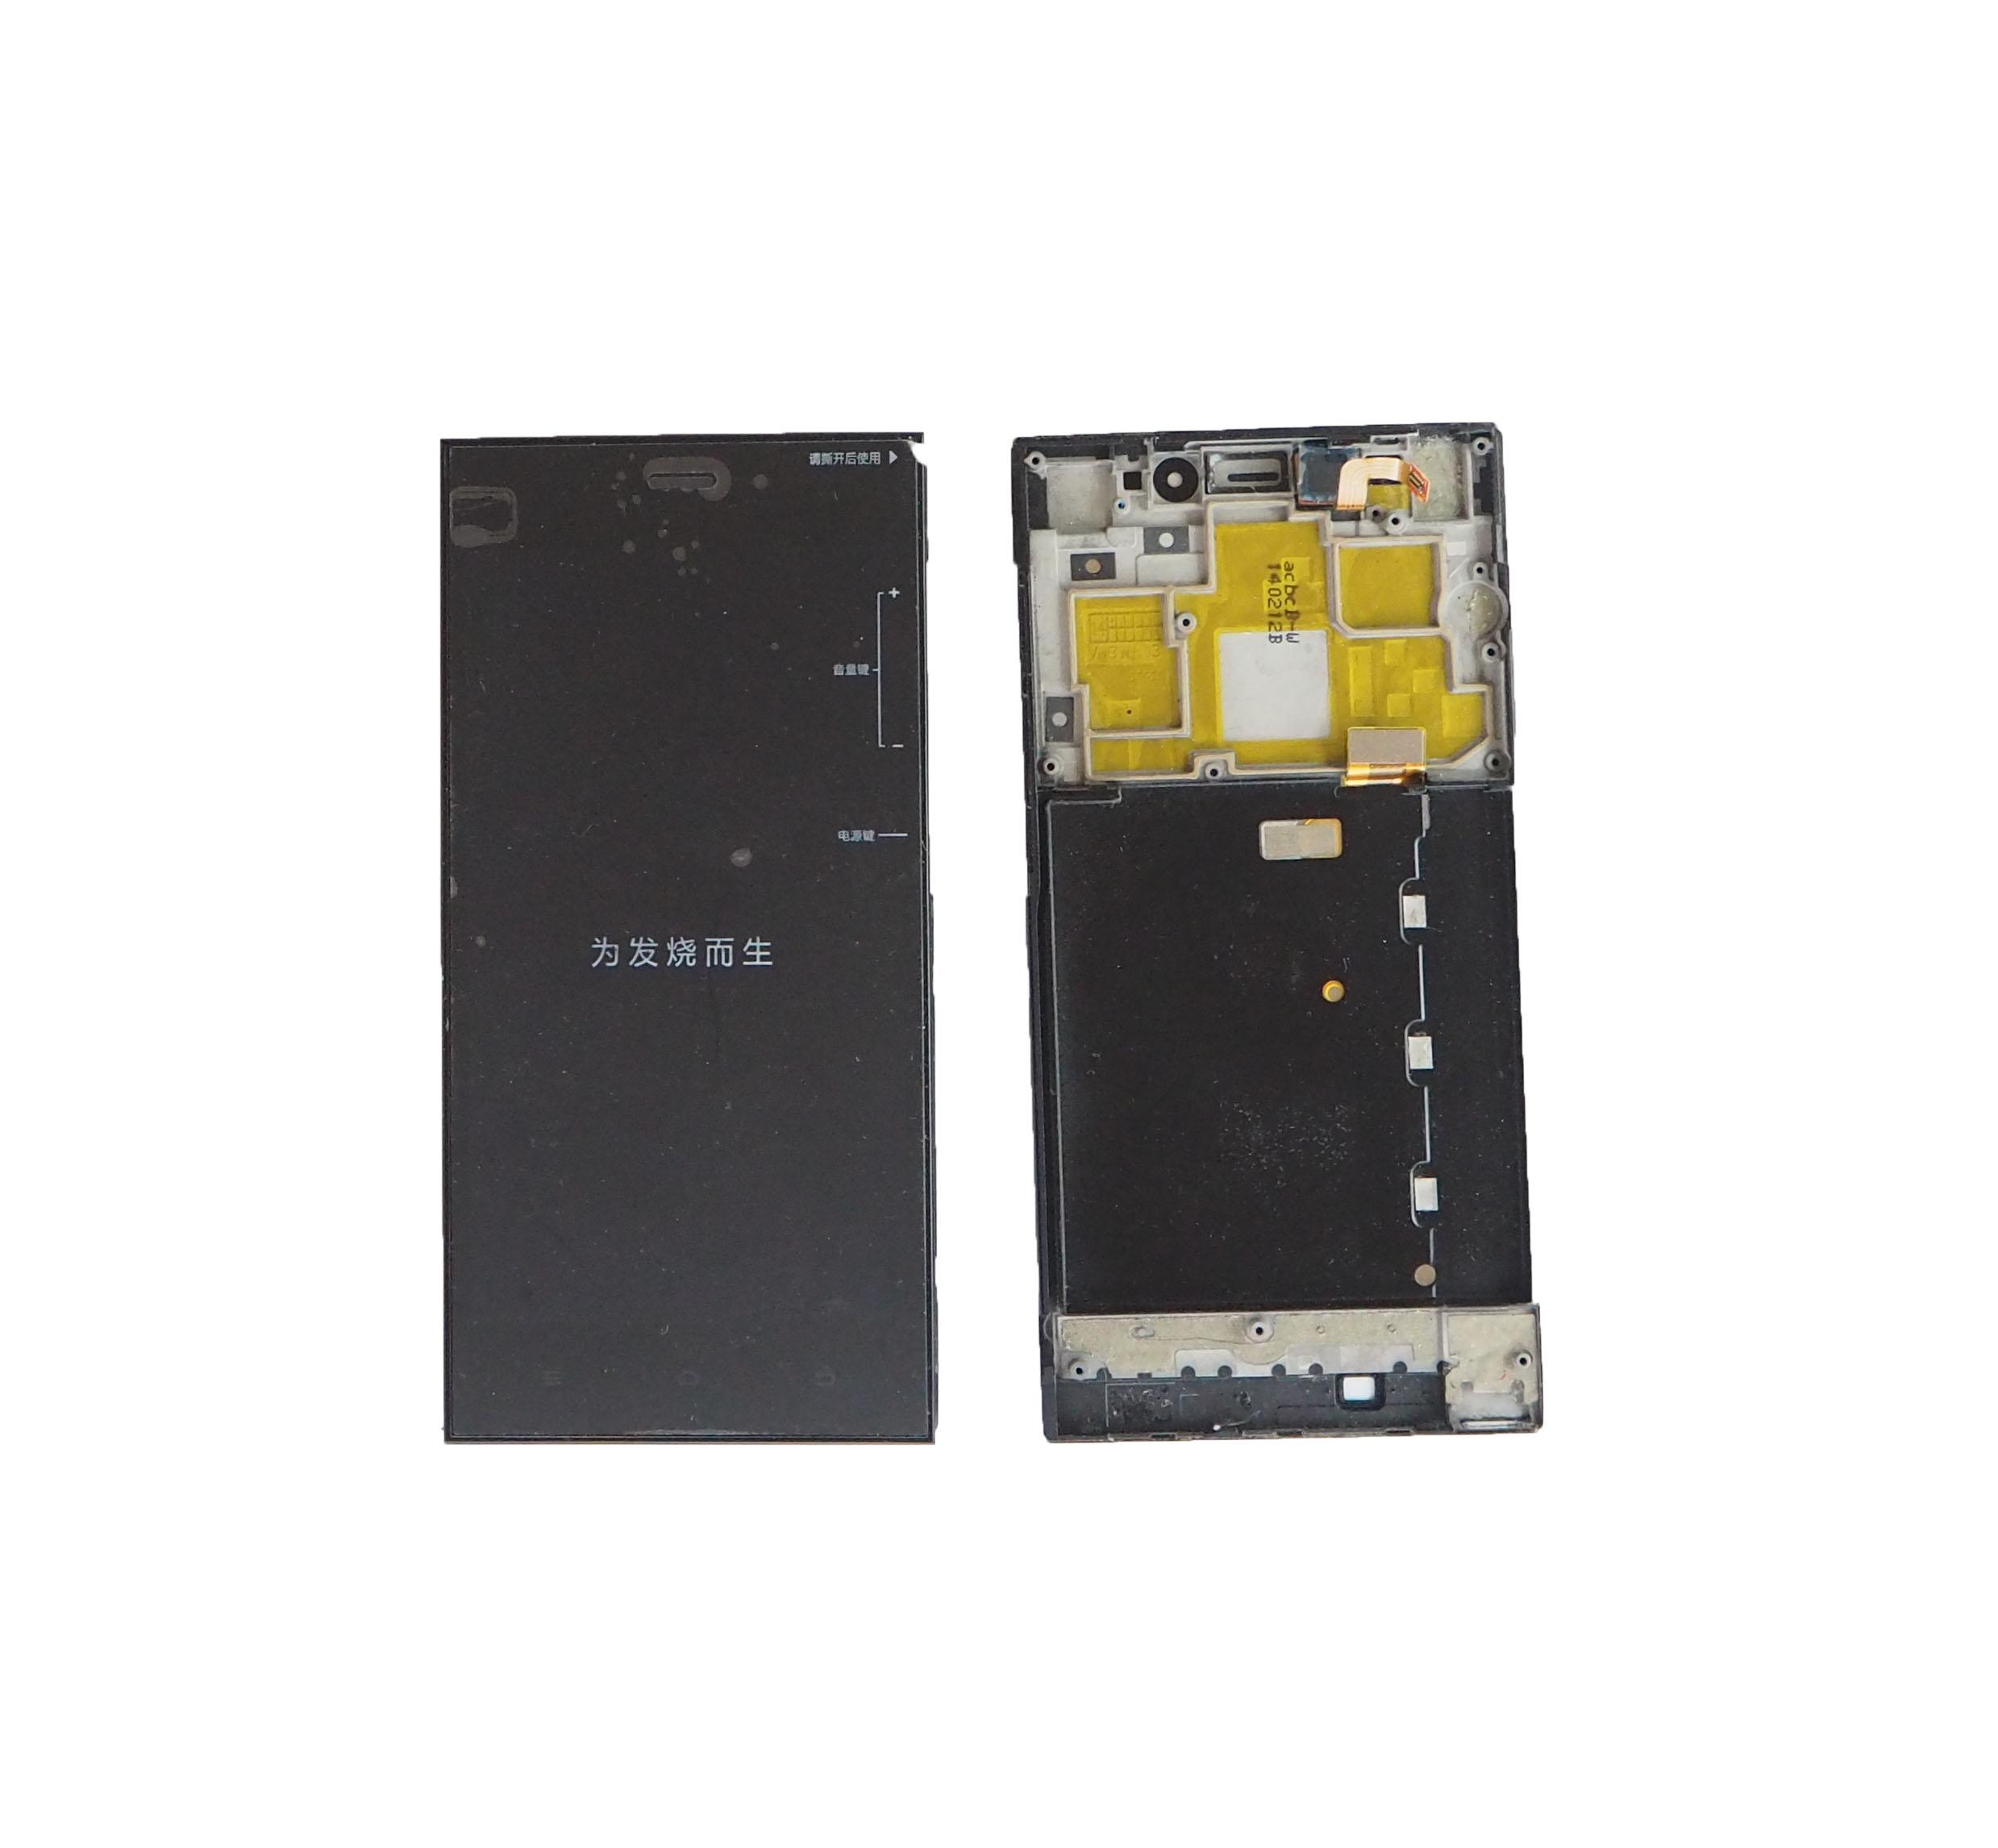 เปลี่ยนจอ Xiaomi Mi 3 หน้าจอแตก ทัสกรีนกดไม่ได้